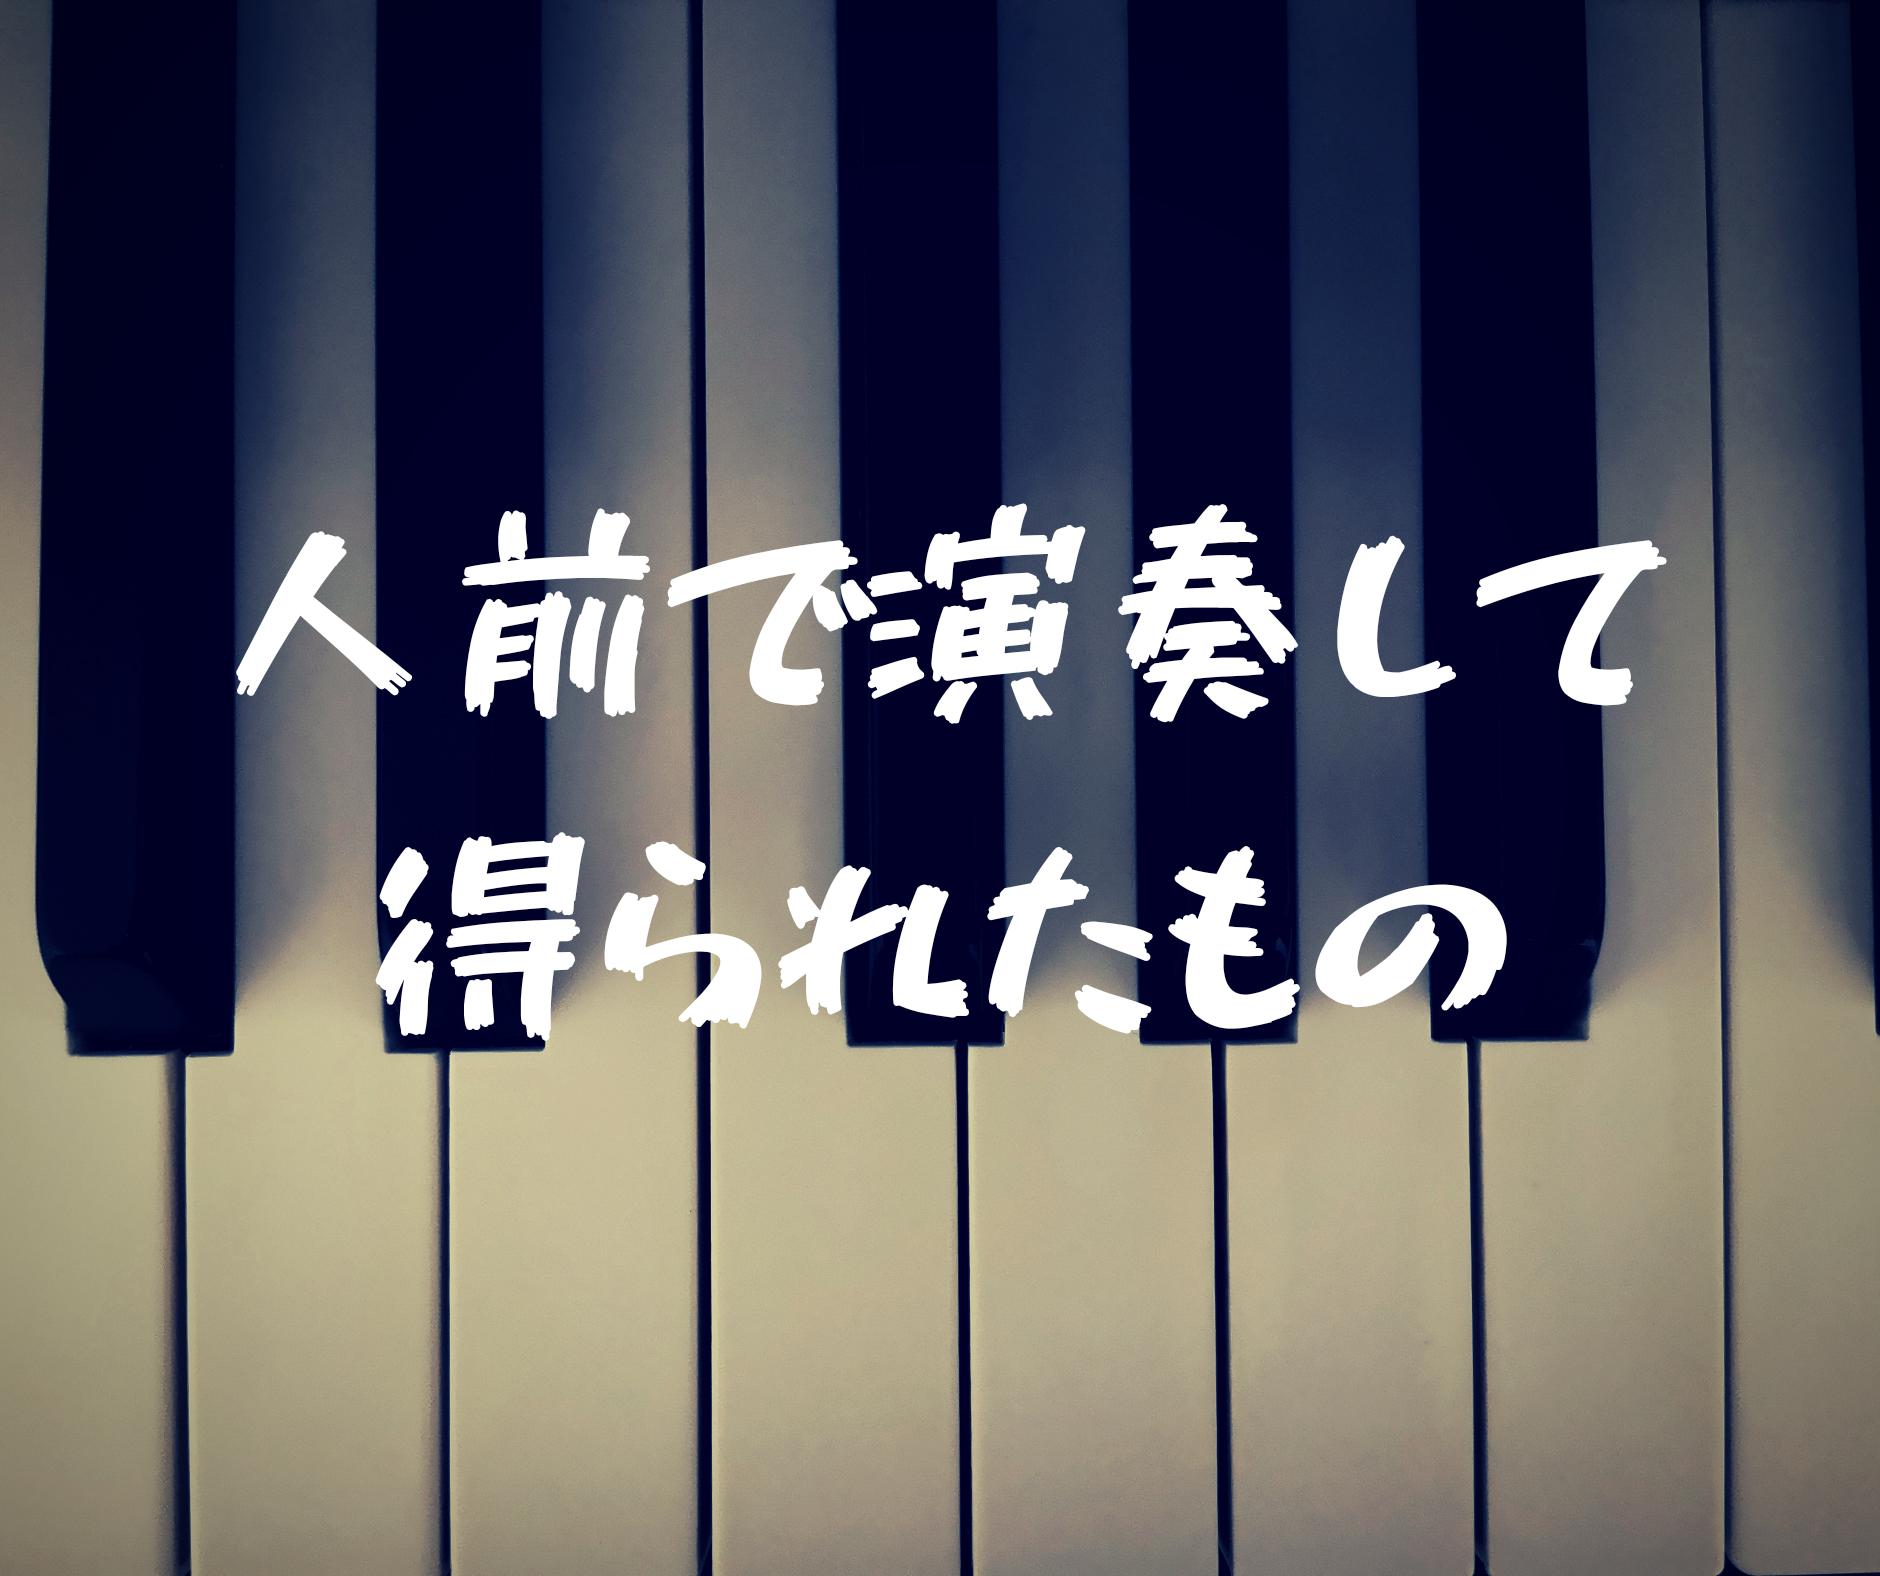 【大人からのピアノ】人前で演奏する発表会やピティナ・ステップで得られたもの